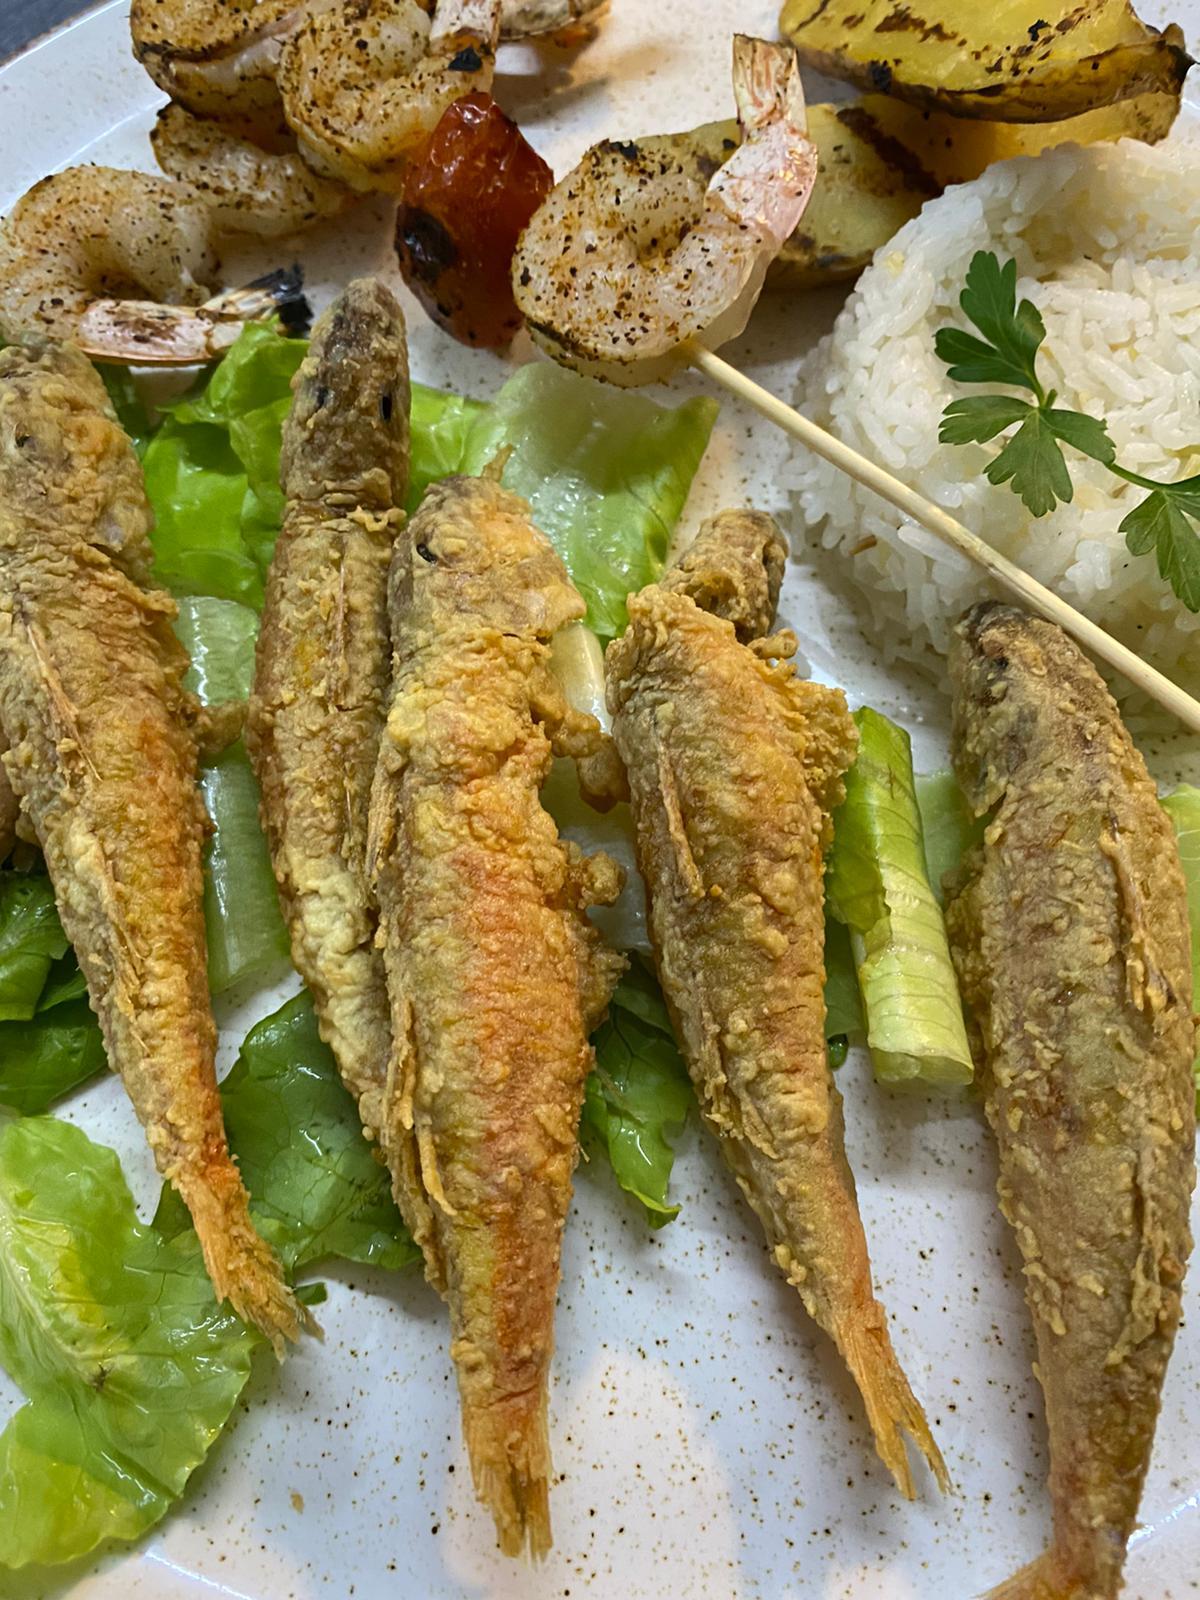 تصلك فوراً - اطلب وجبتك الآن من مطعم أفلوكا للوجبات والمأكولات البحرية